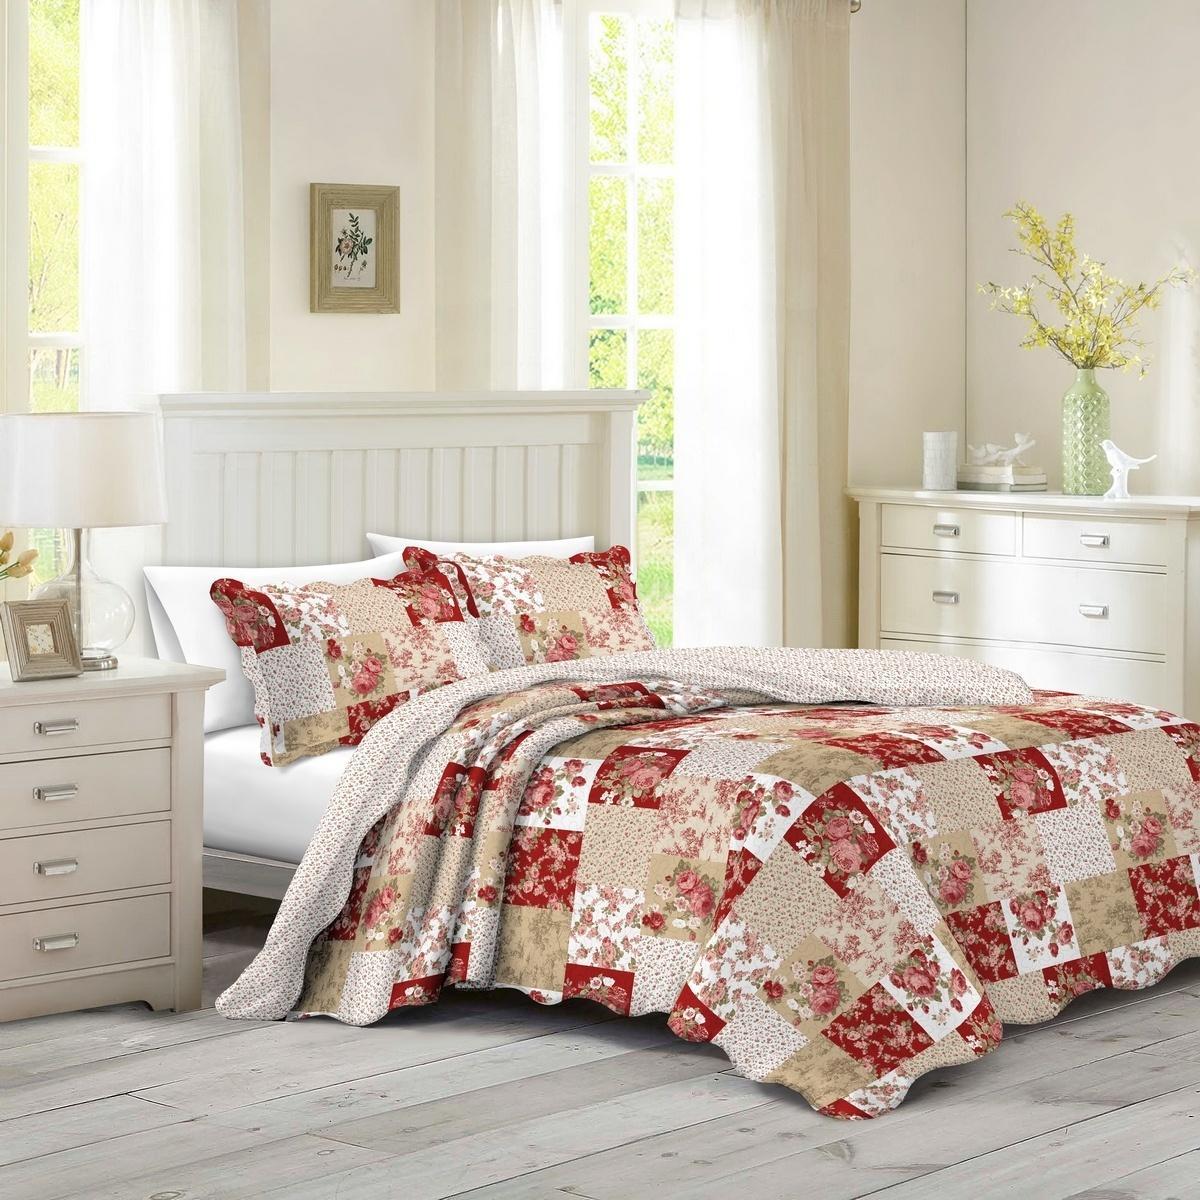 Prehoz na posteľ Patchwork ruže Heda, 230 x 250 cm, 2 ks 50 x 70 cm